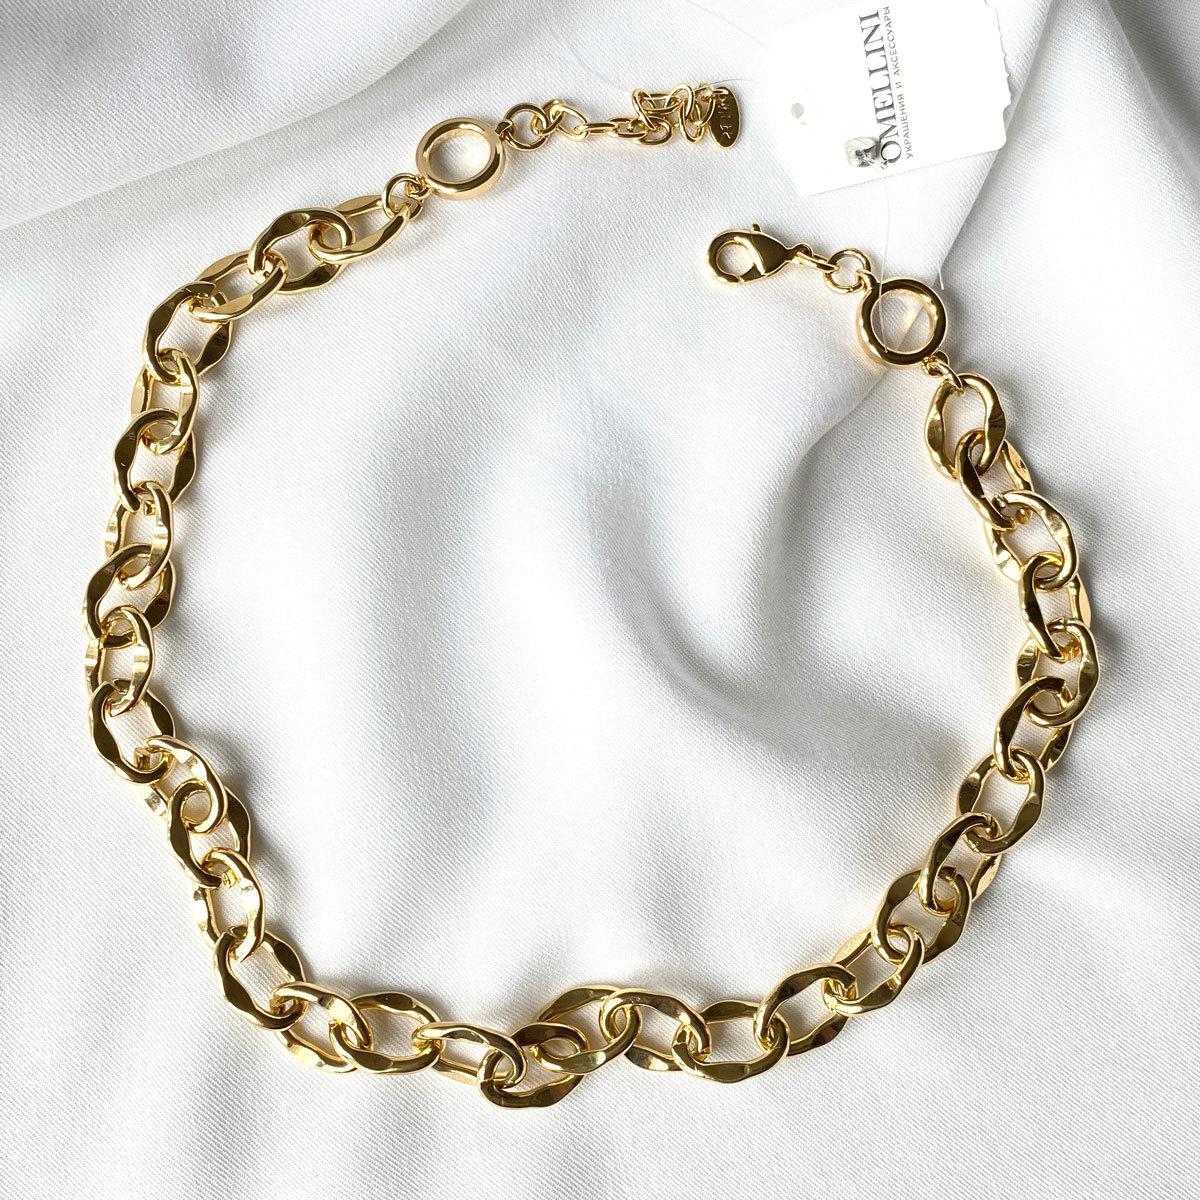 Колье-цепь с мятыми звеньями золотой